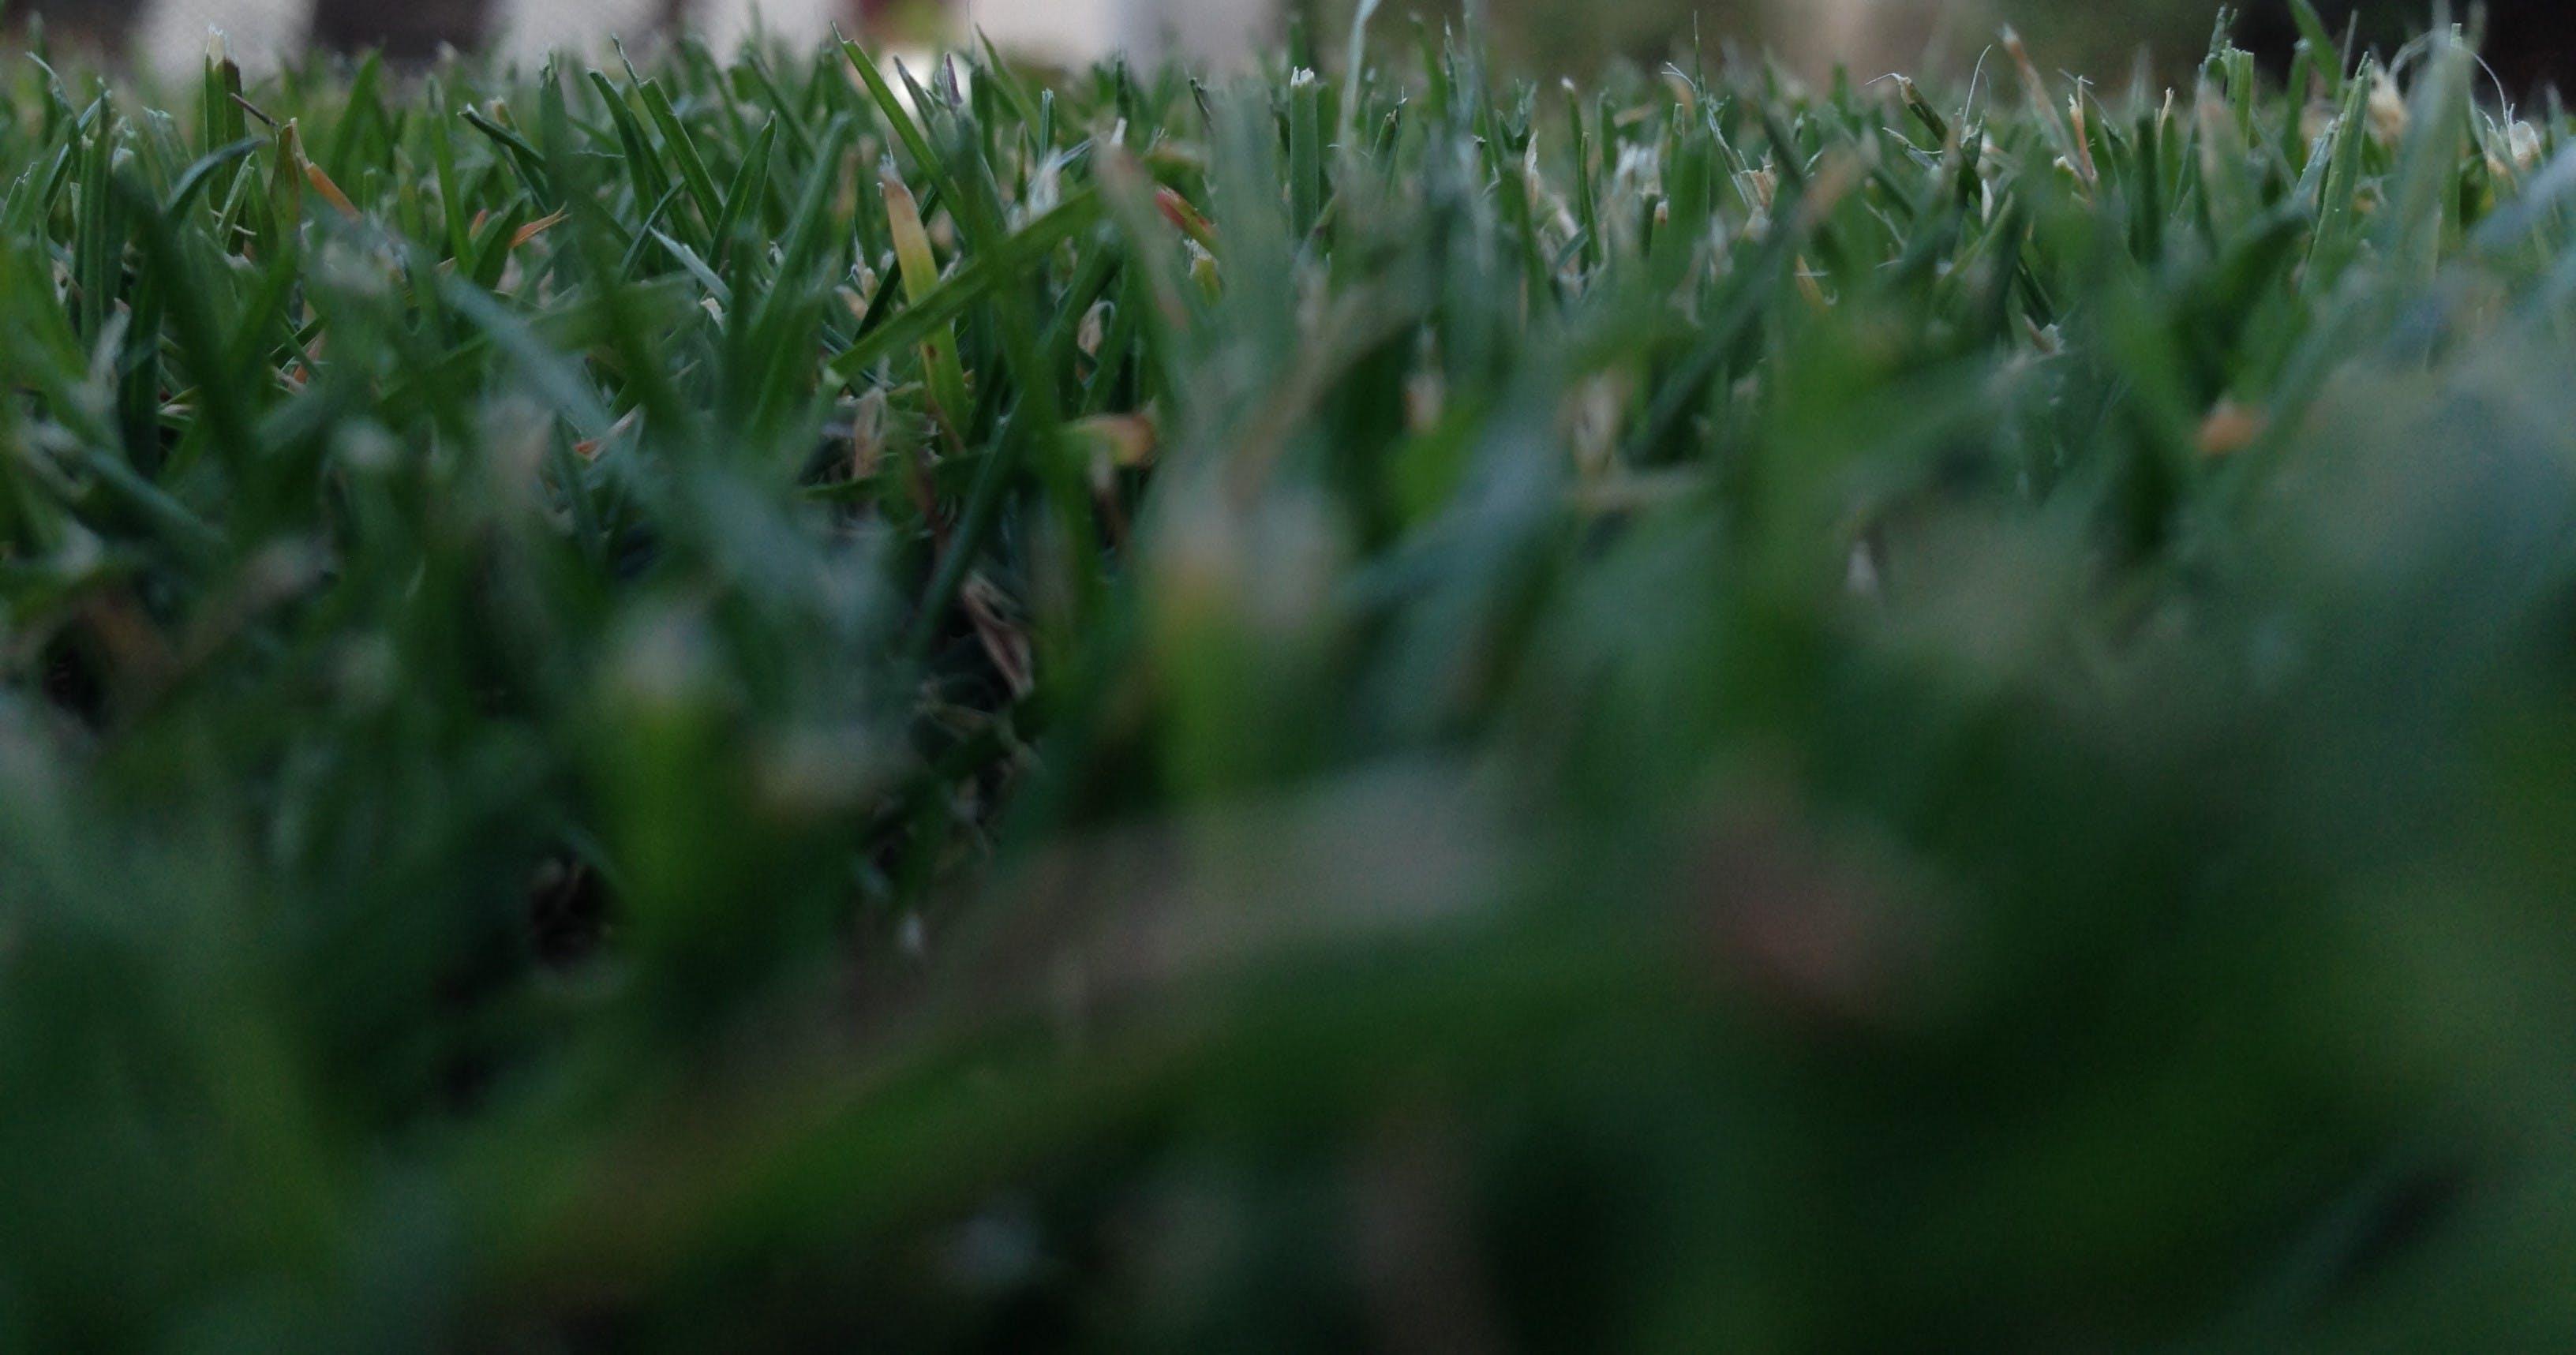 Kostenloses Stock Foto zu dunkelgrün, gras, grashalm, grün